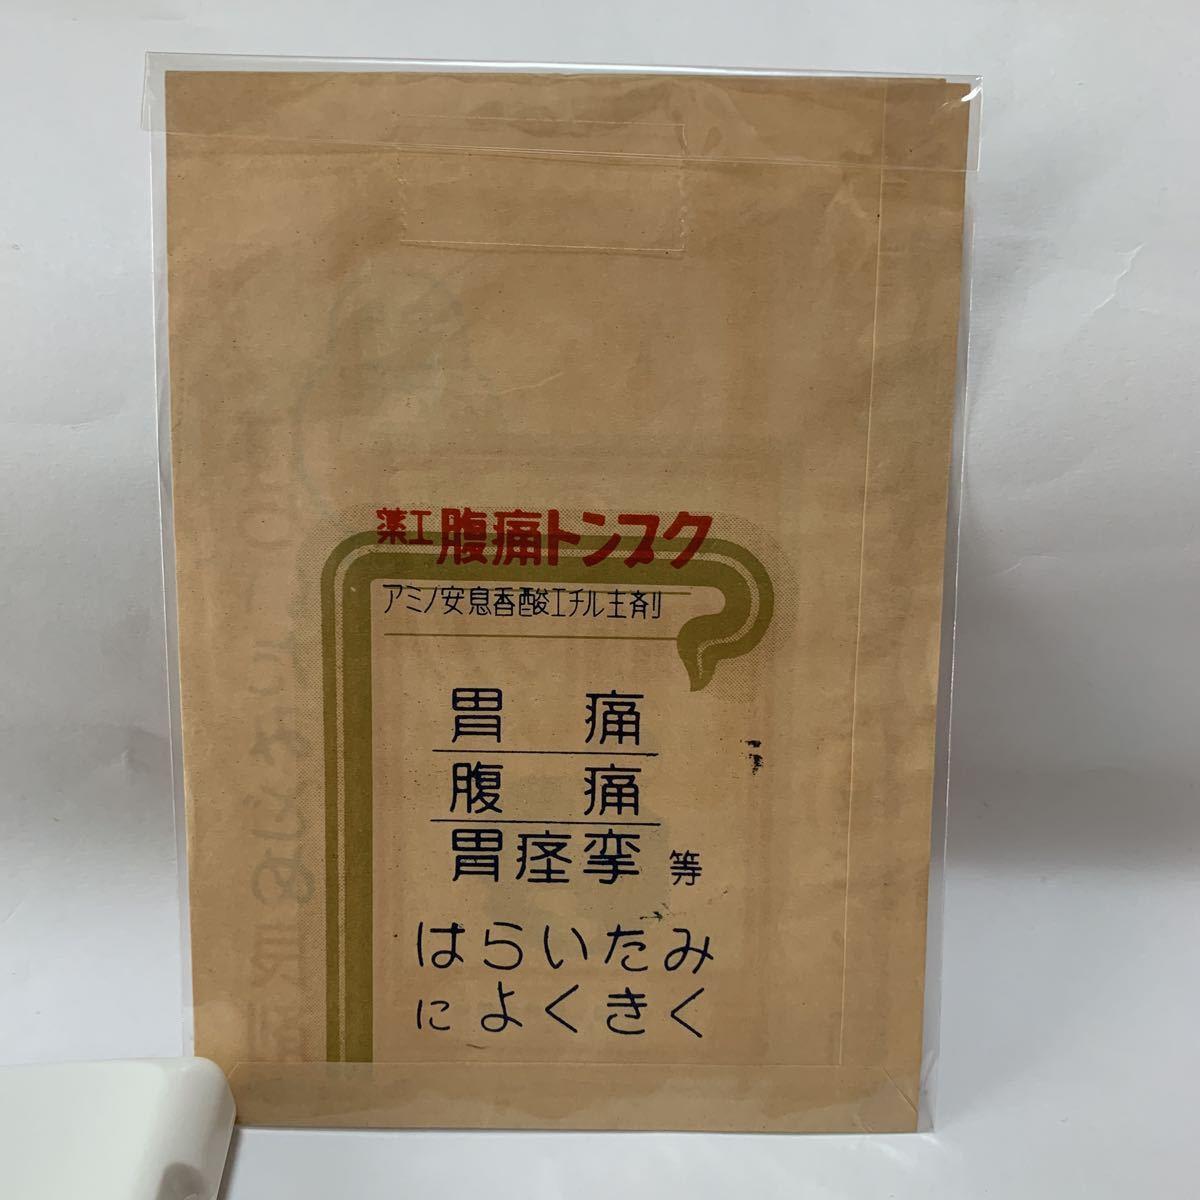 包装紙_画像2